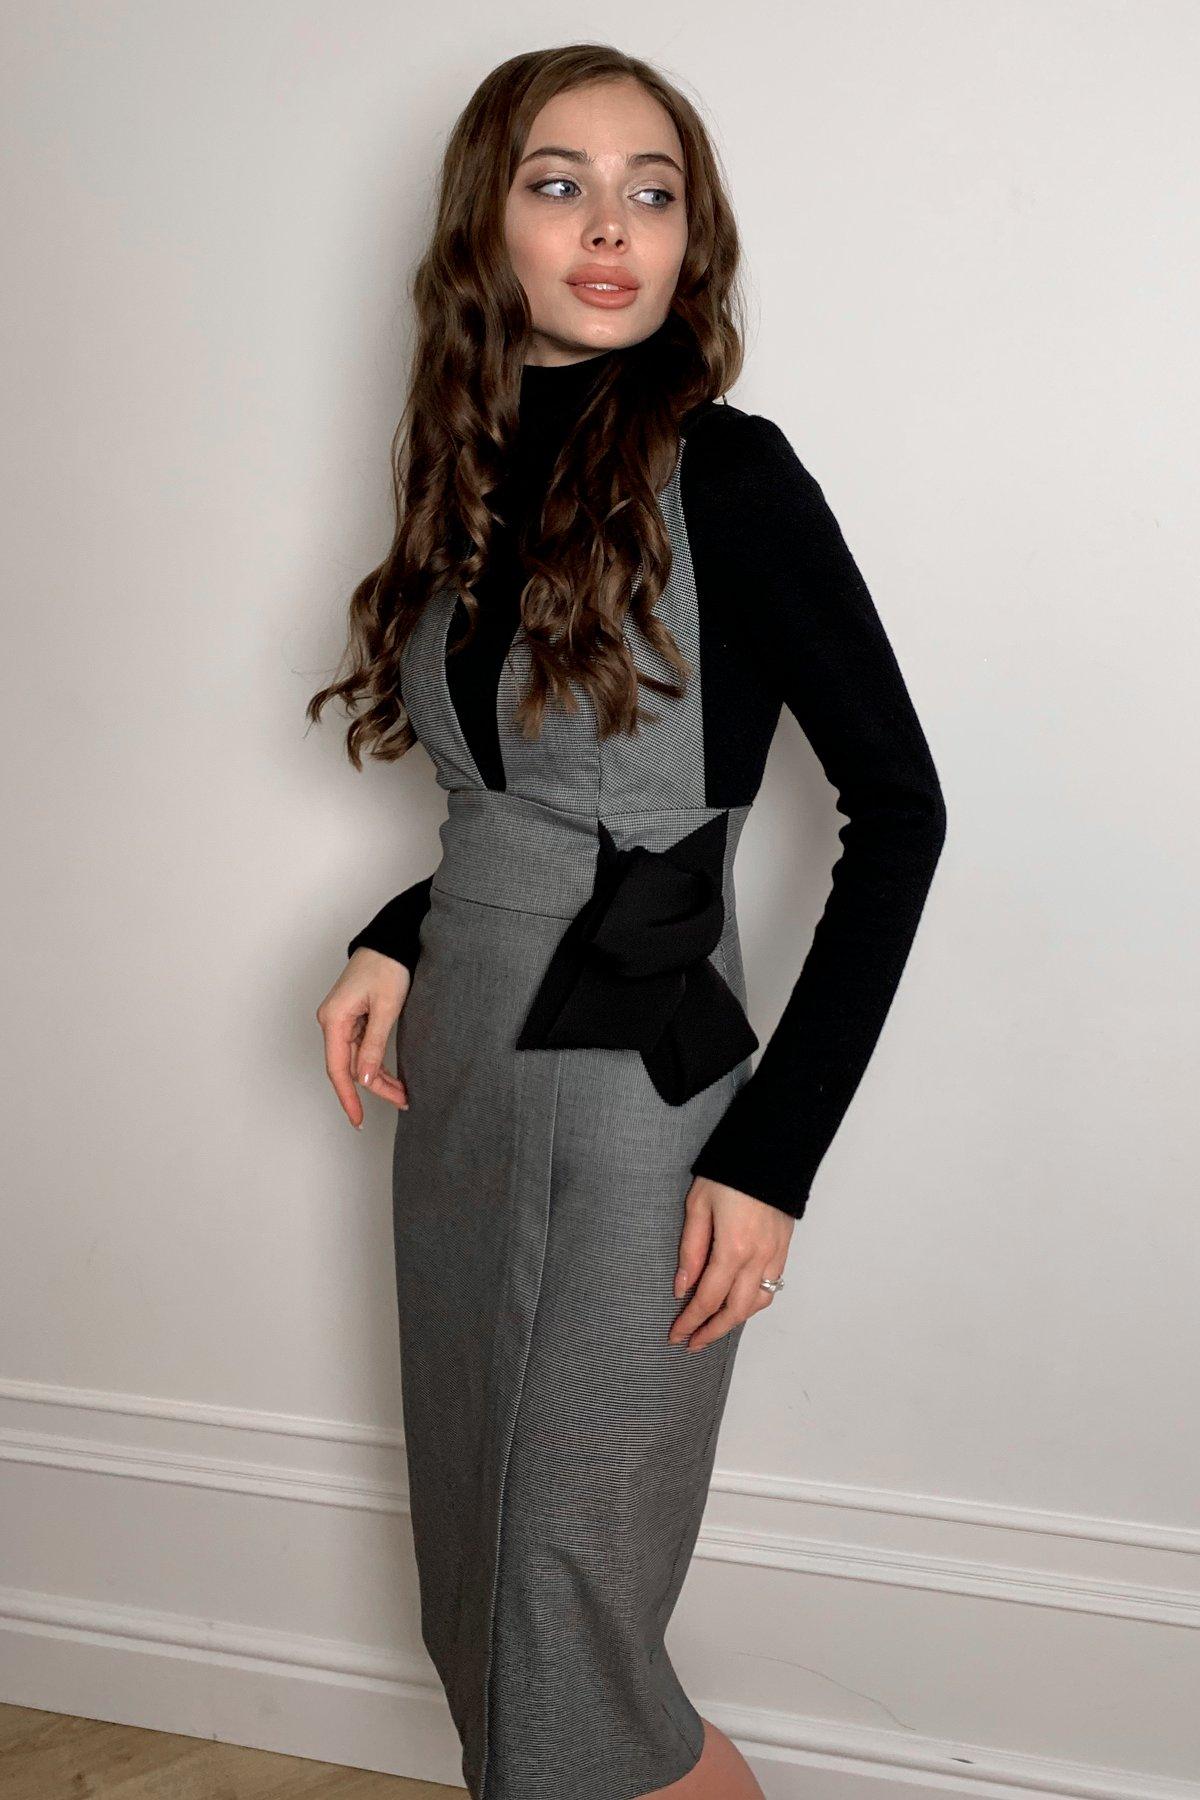 Фила платье костюмка принт стрейч платье 10026 АРТ. 46321 Цвет: Клетка мел черн/бел - фото 5, интернет магазин tm-modus.ru